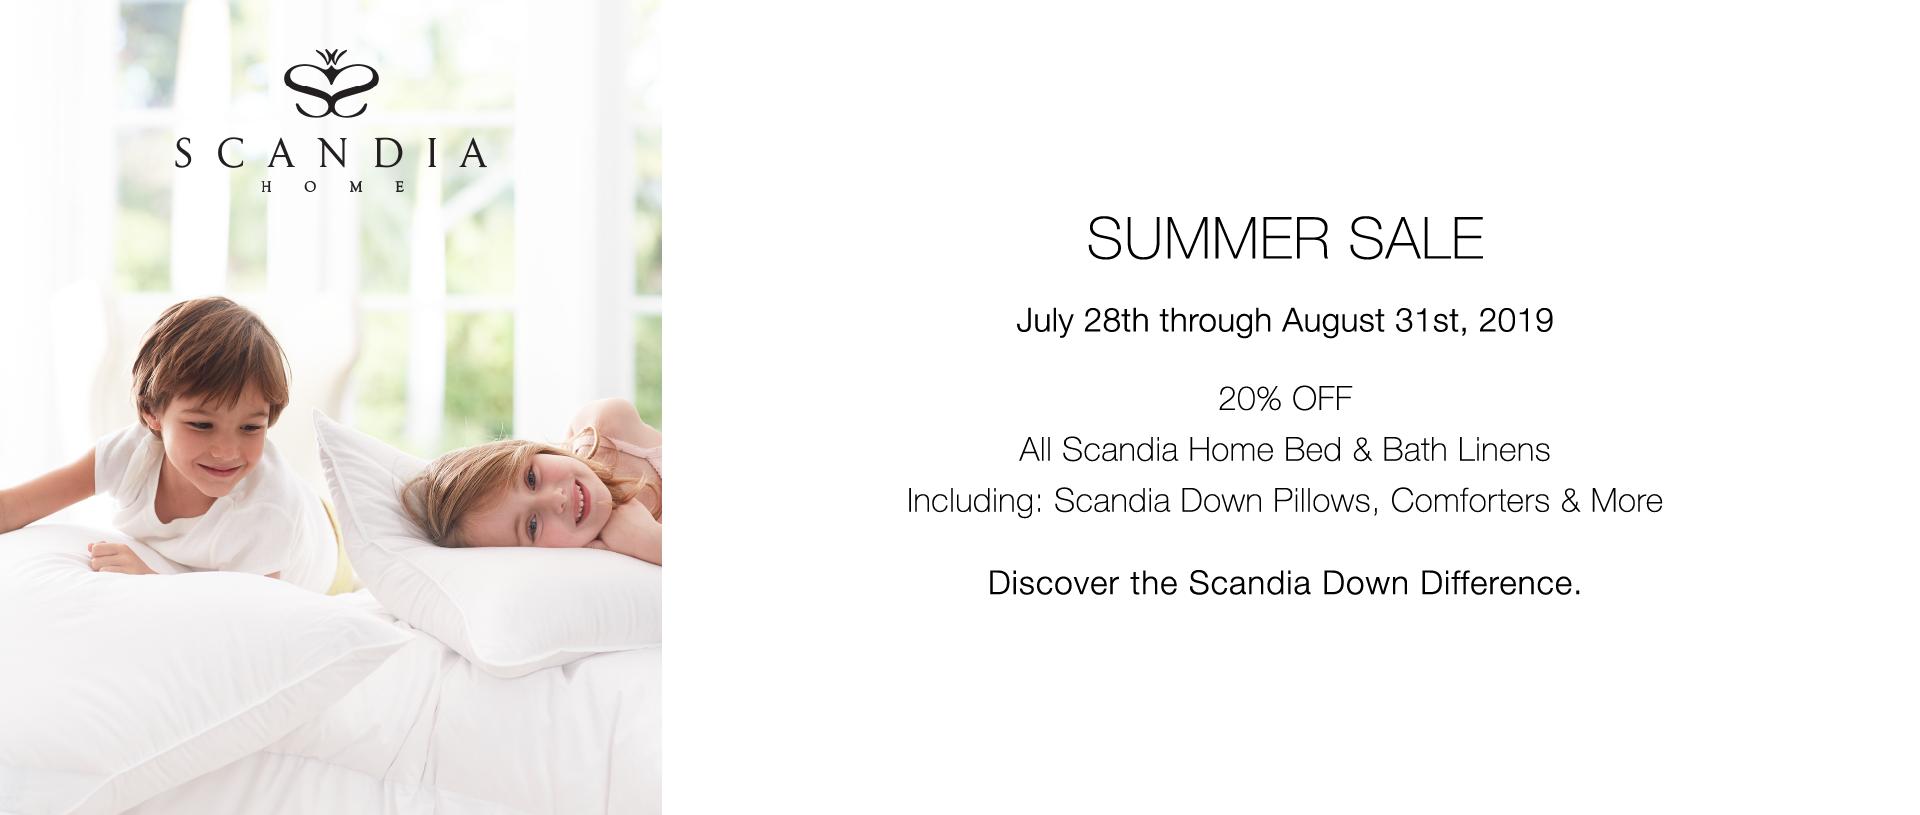 Scandia Summer Sale